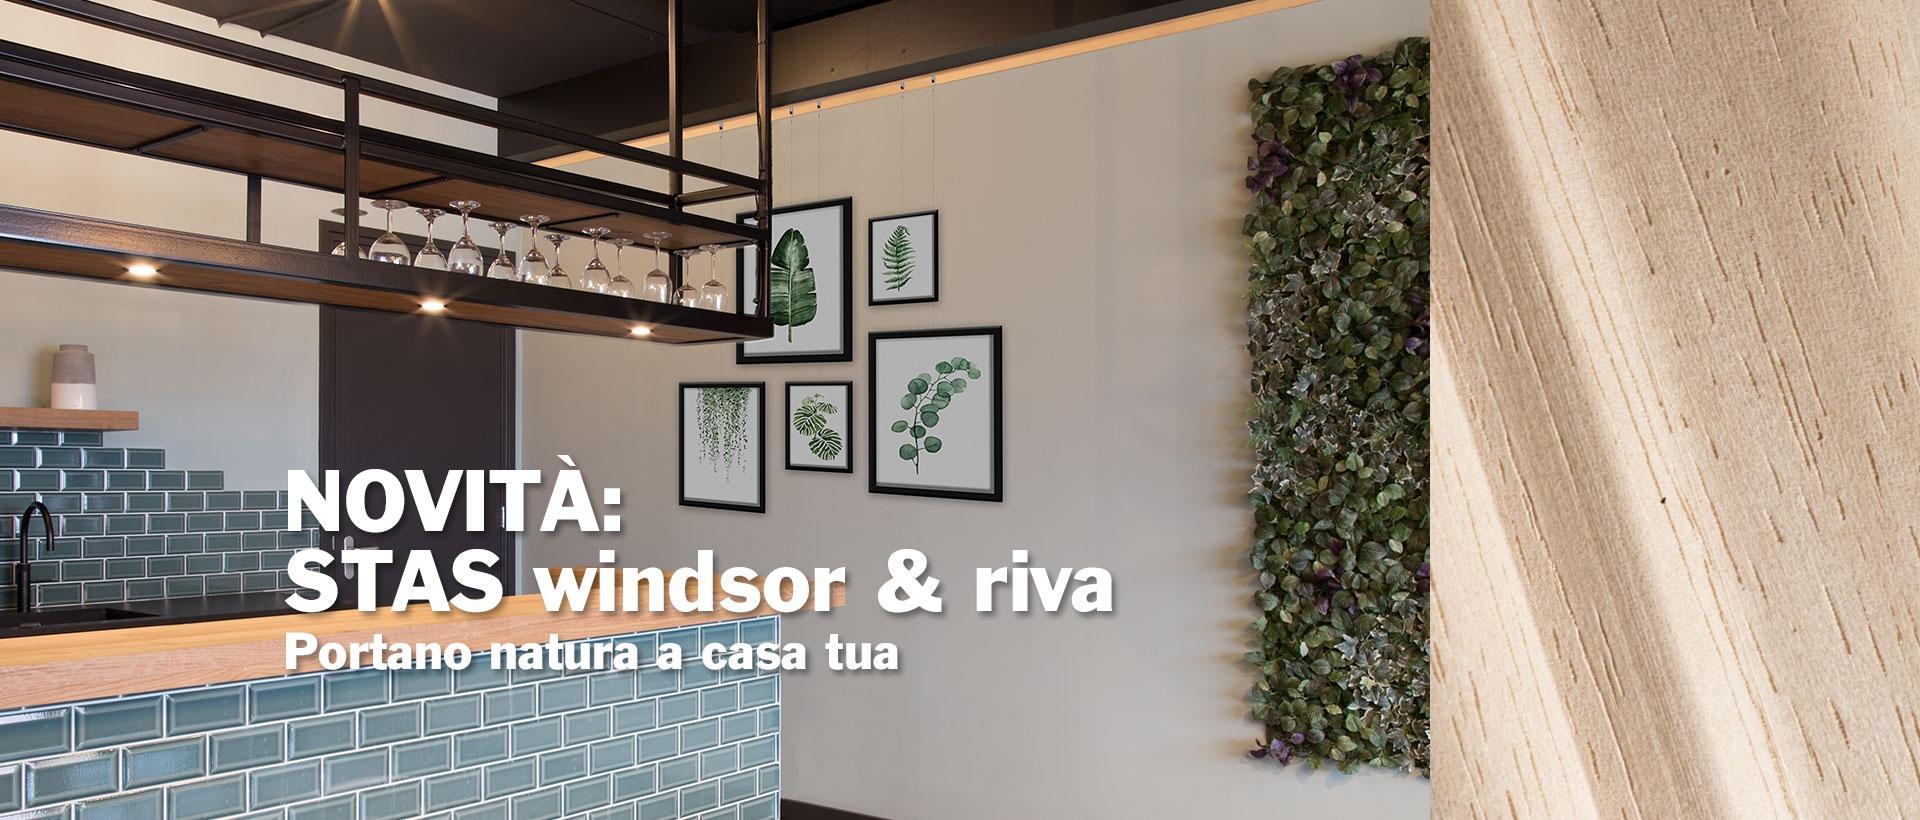 STAS windsor & riva ...